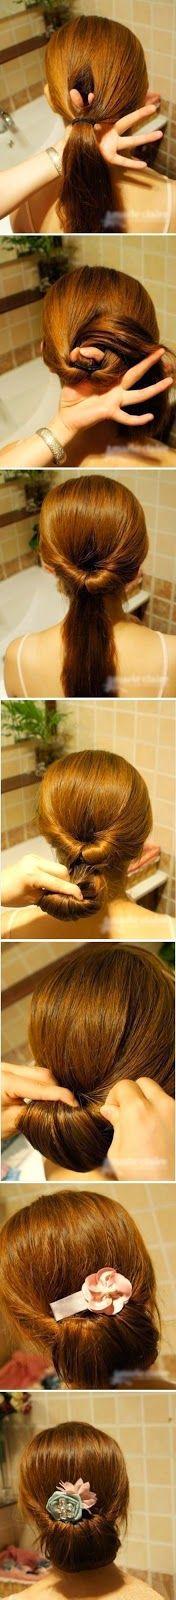 Hairstyle-Tutorials-11.jpg (176×1600)